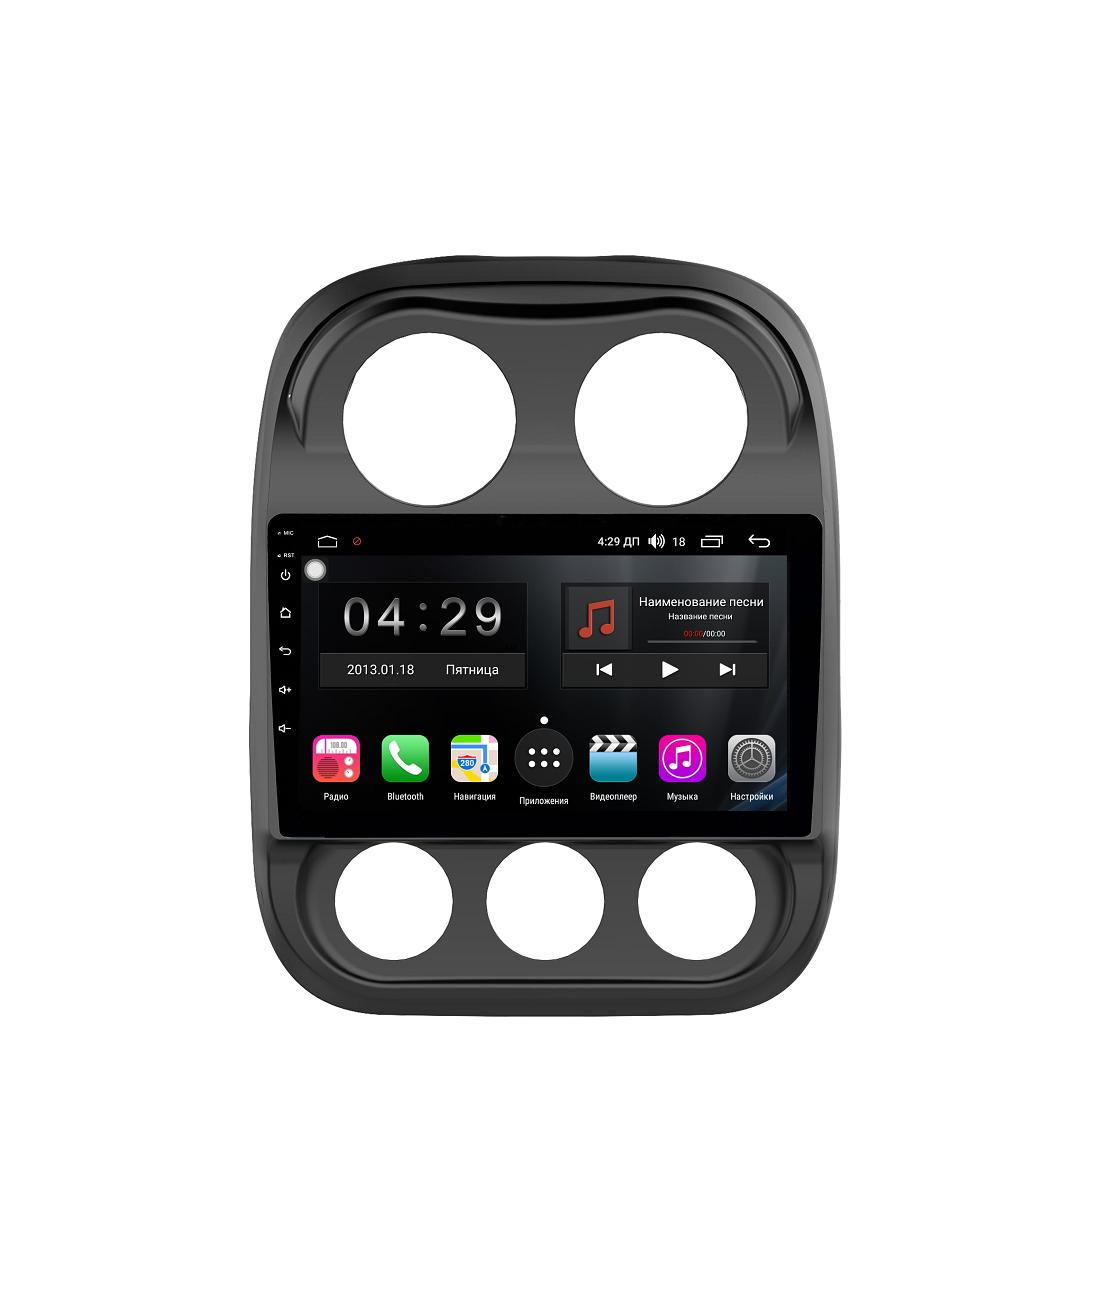 Штатная магнитола FarCar s300 для Jeep Compass на Android (RL1078R) (+ Камера заднего вида в подарок!)